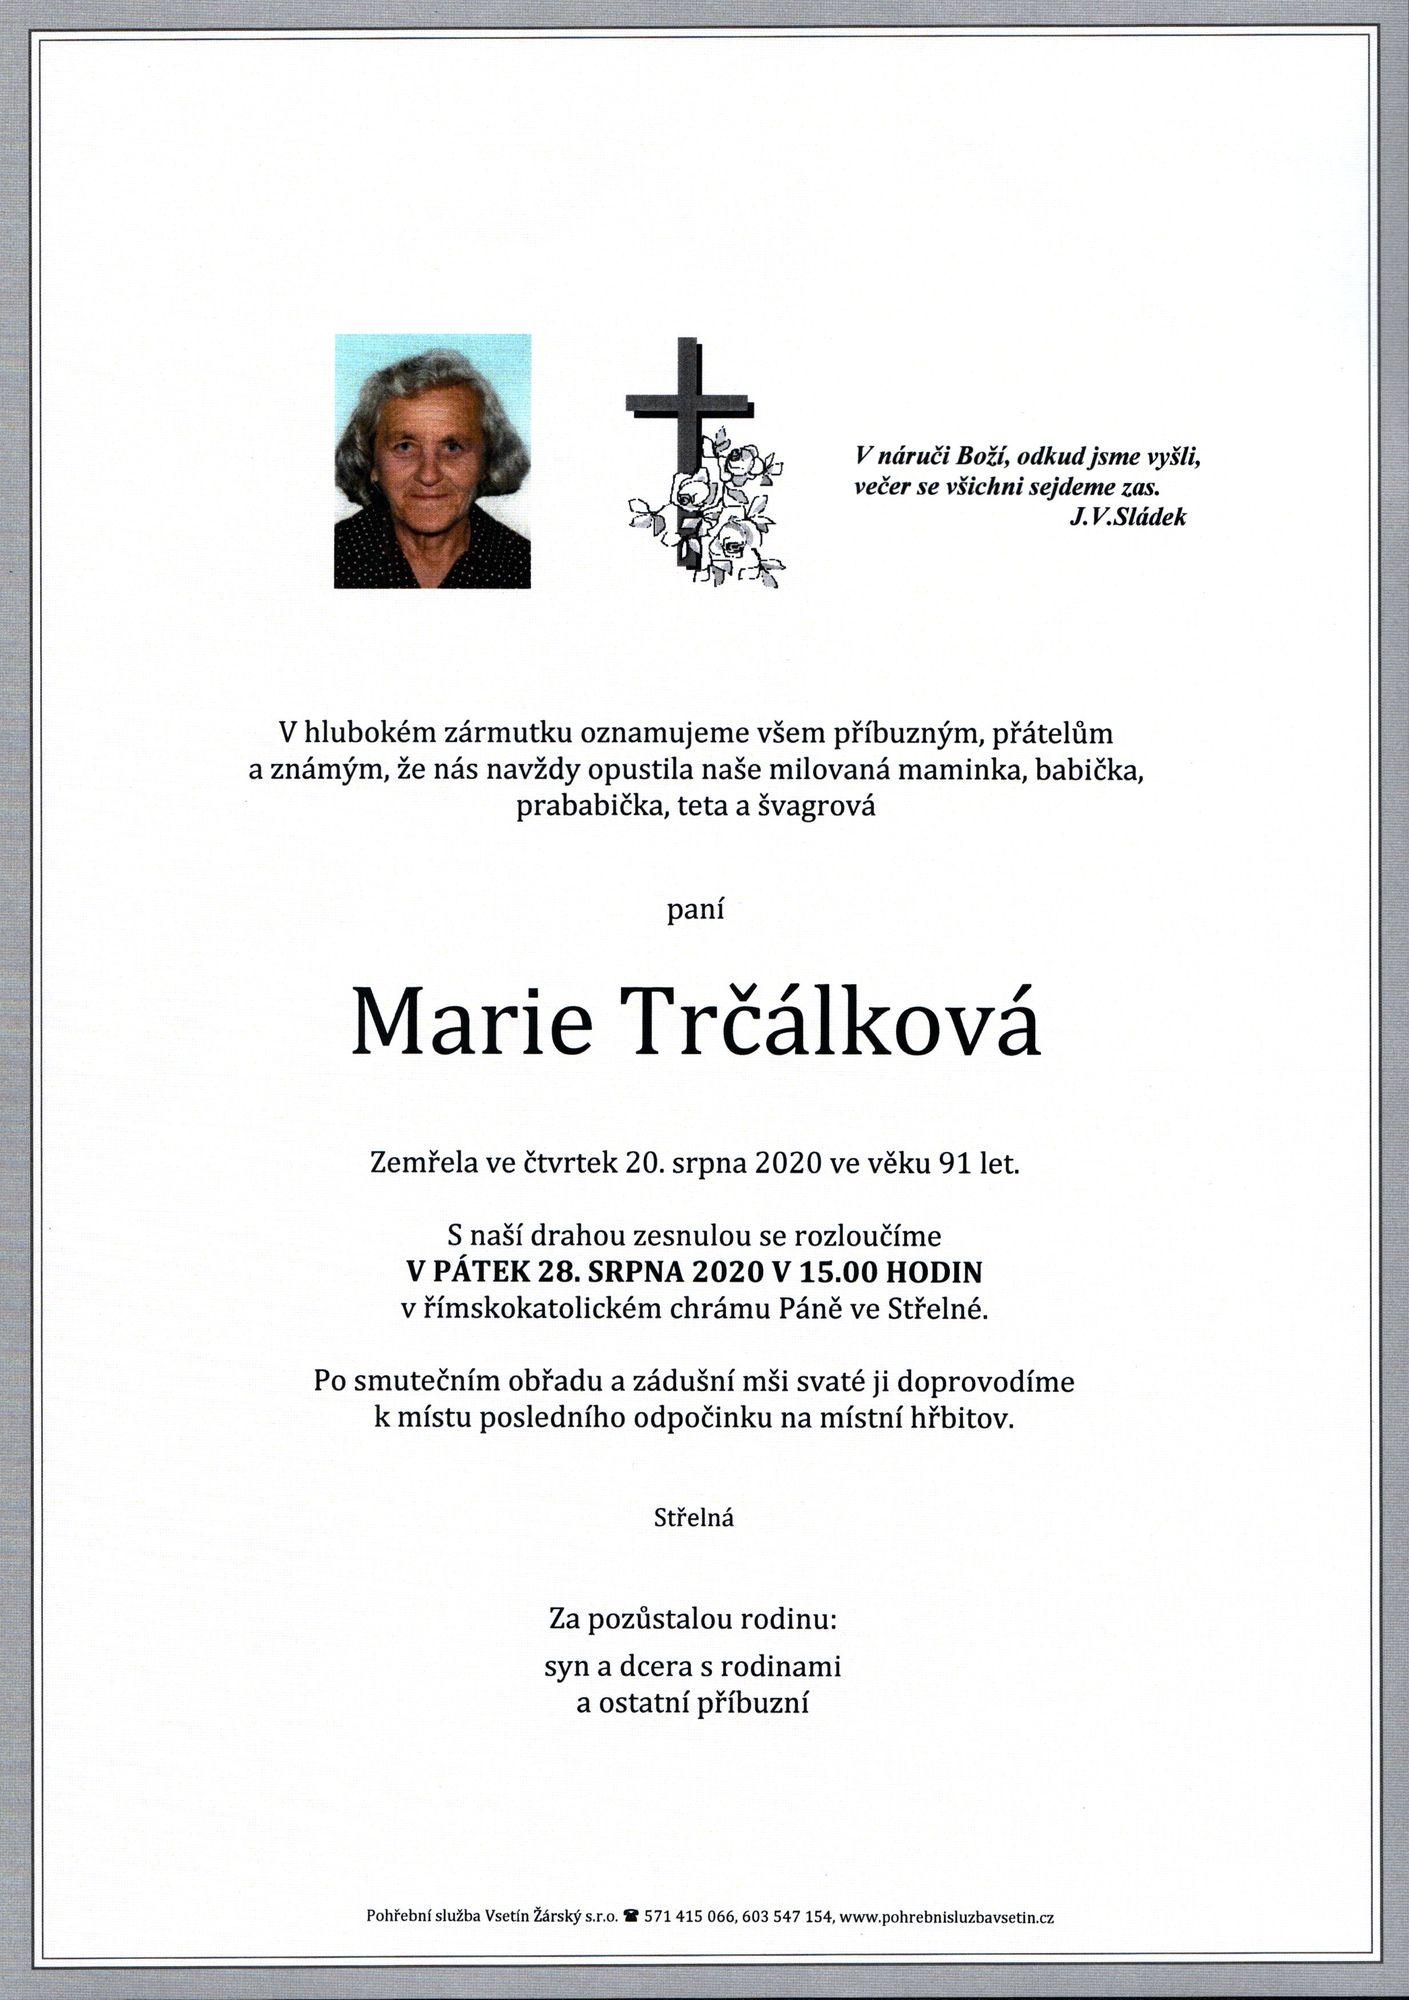 Marie Trčálková